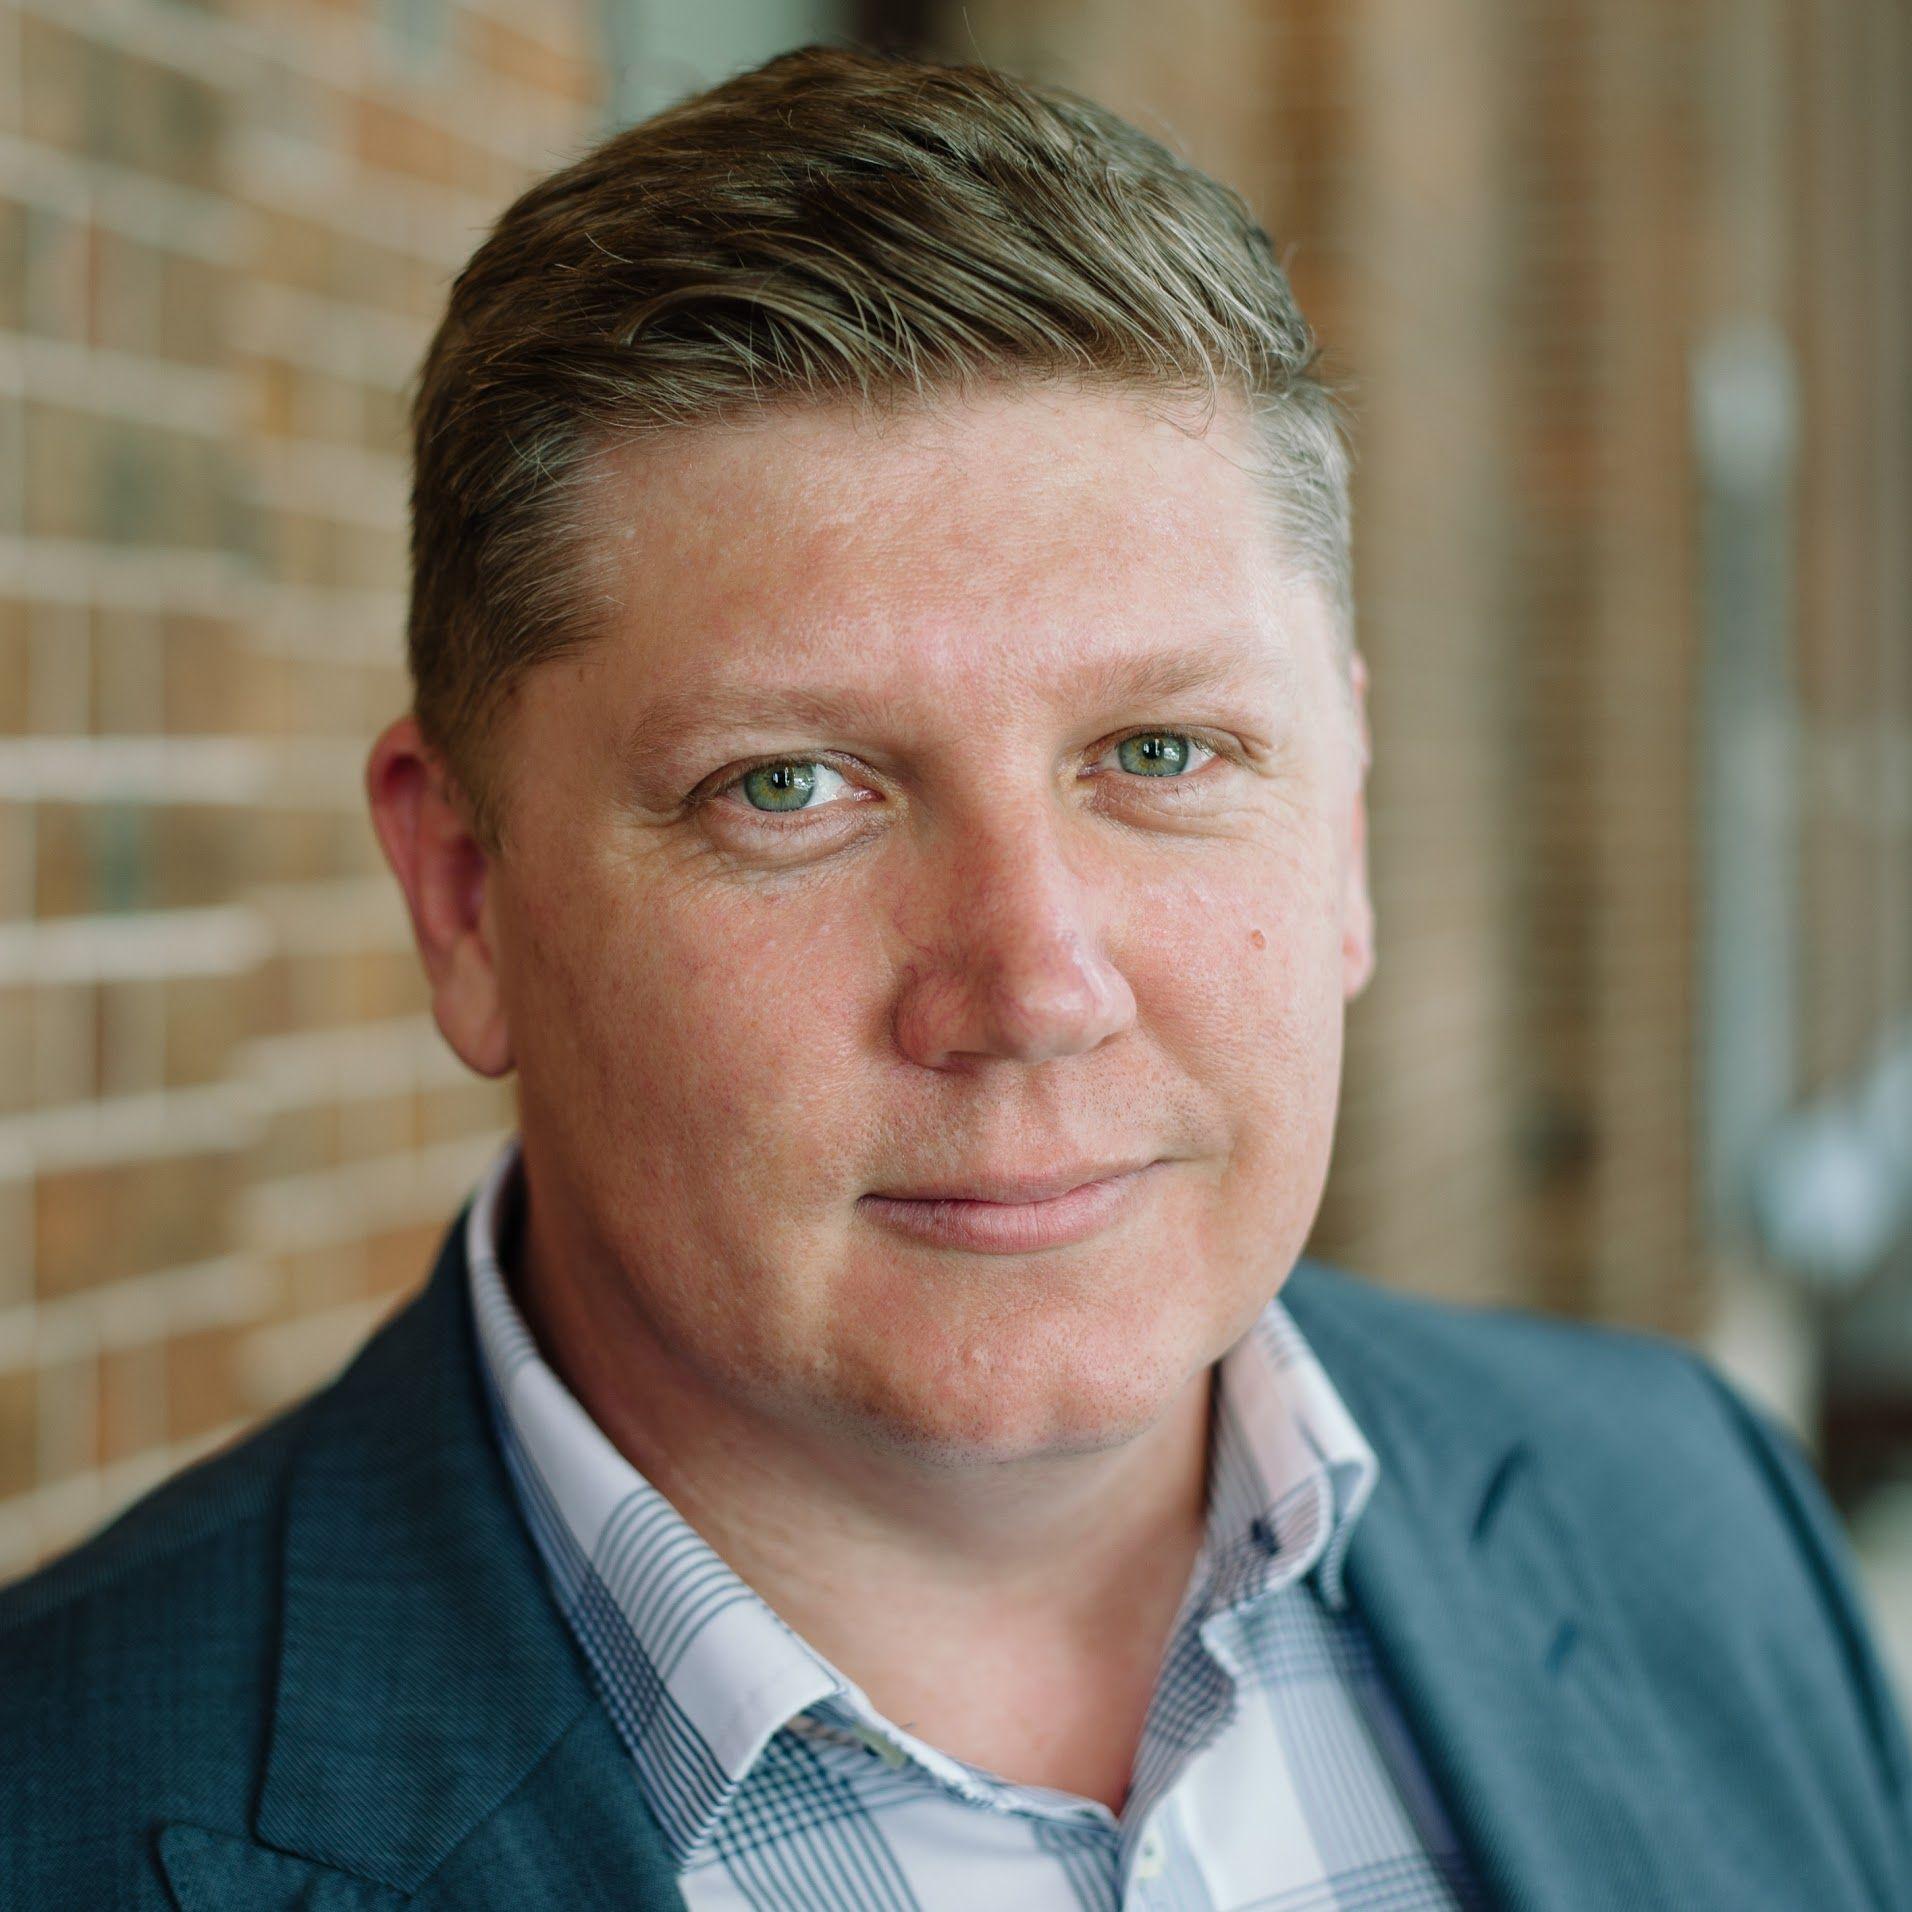 Aaron McEwan